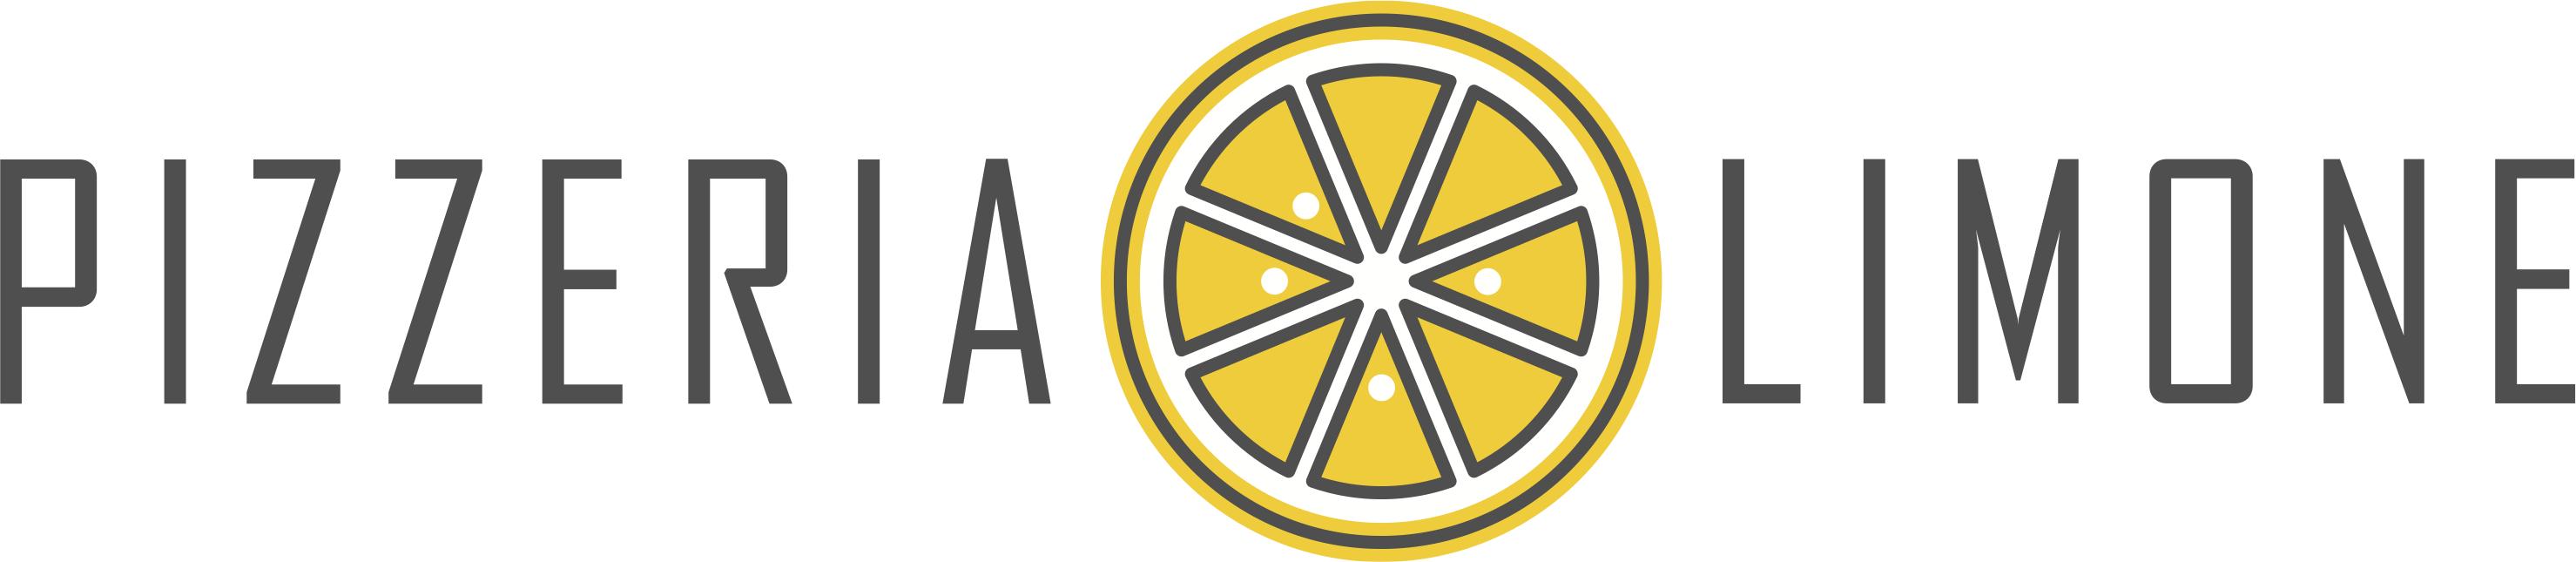 limone primary logo